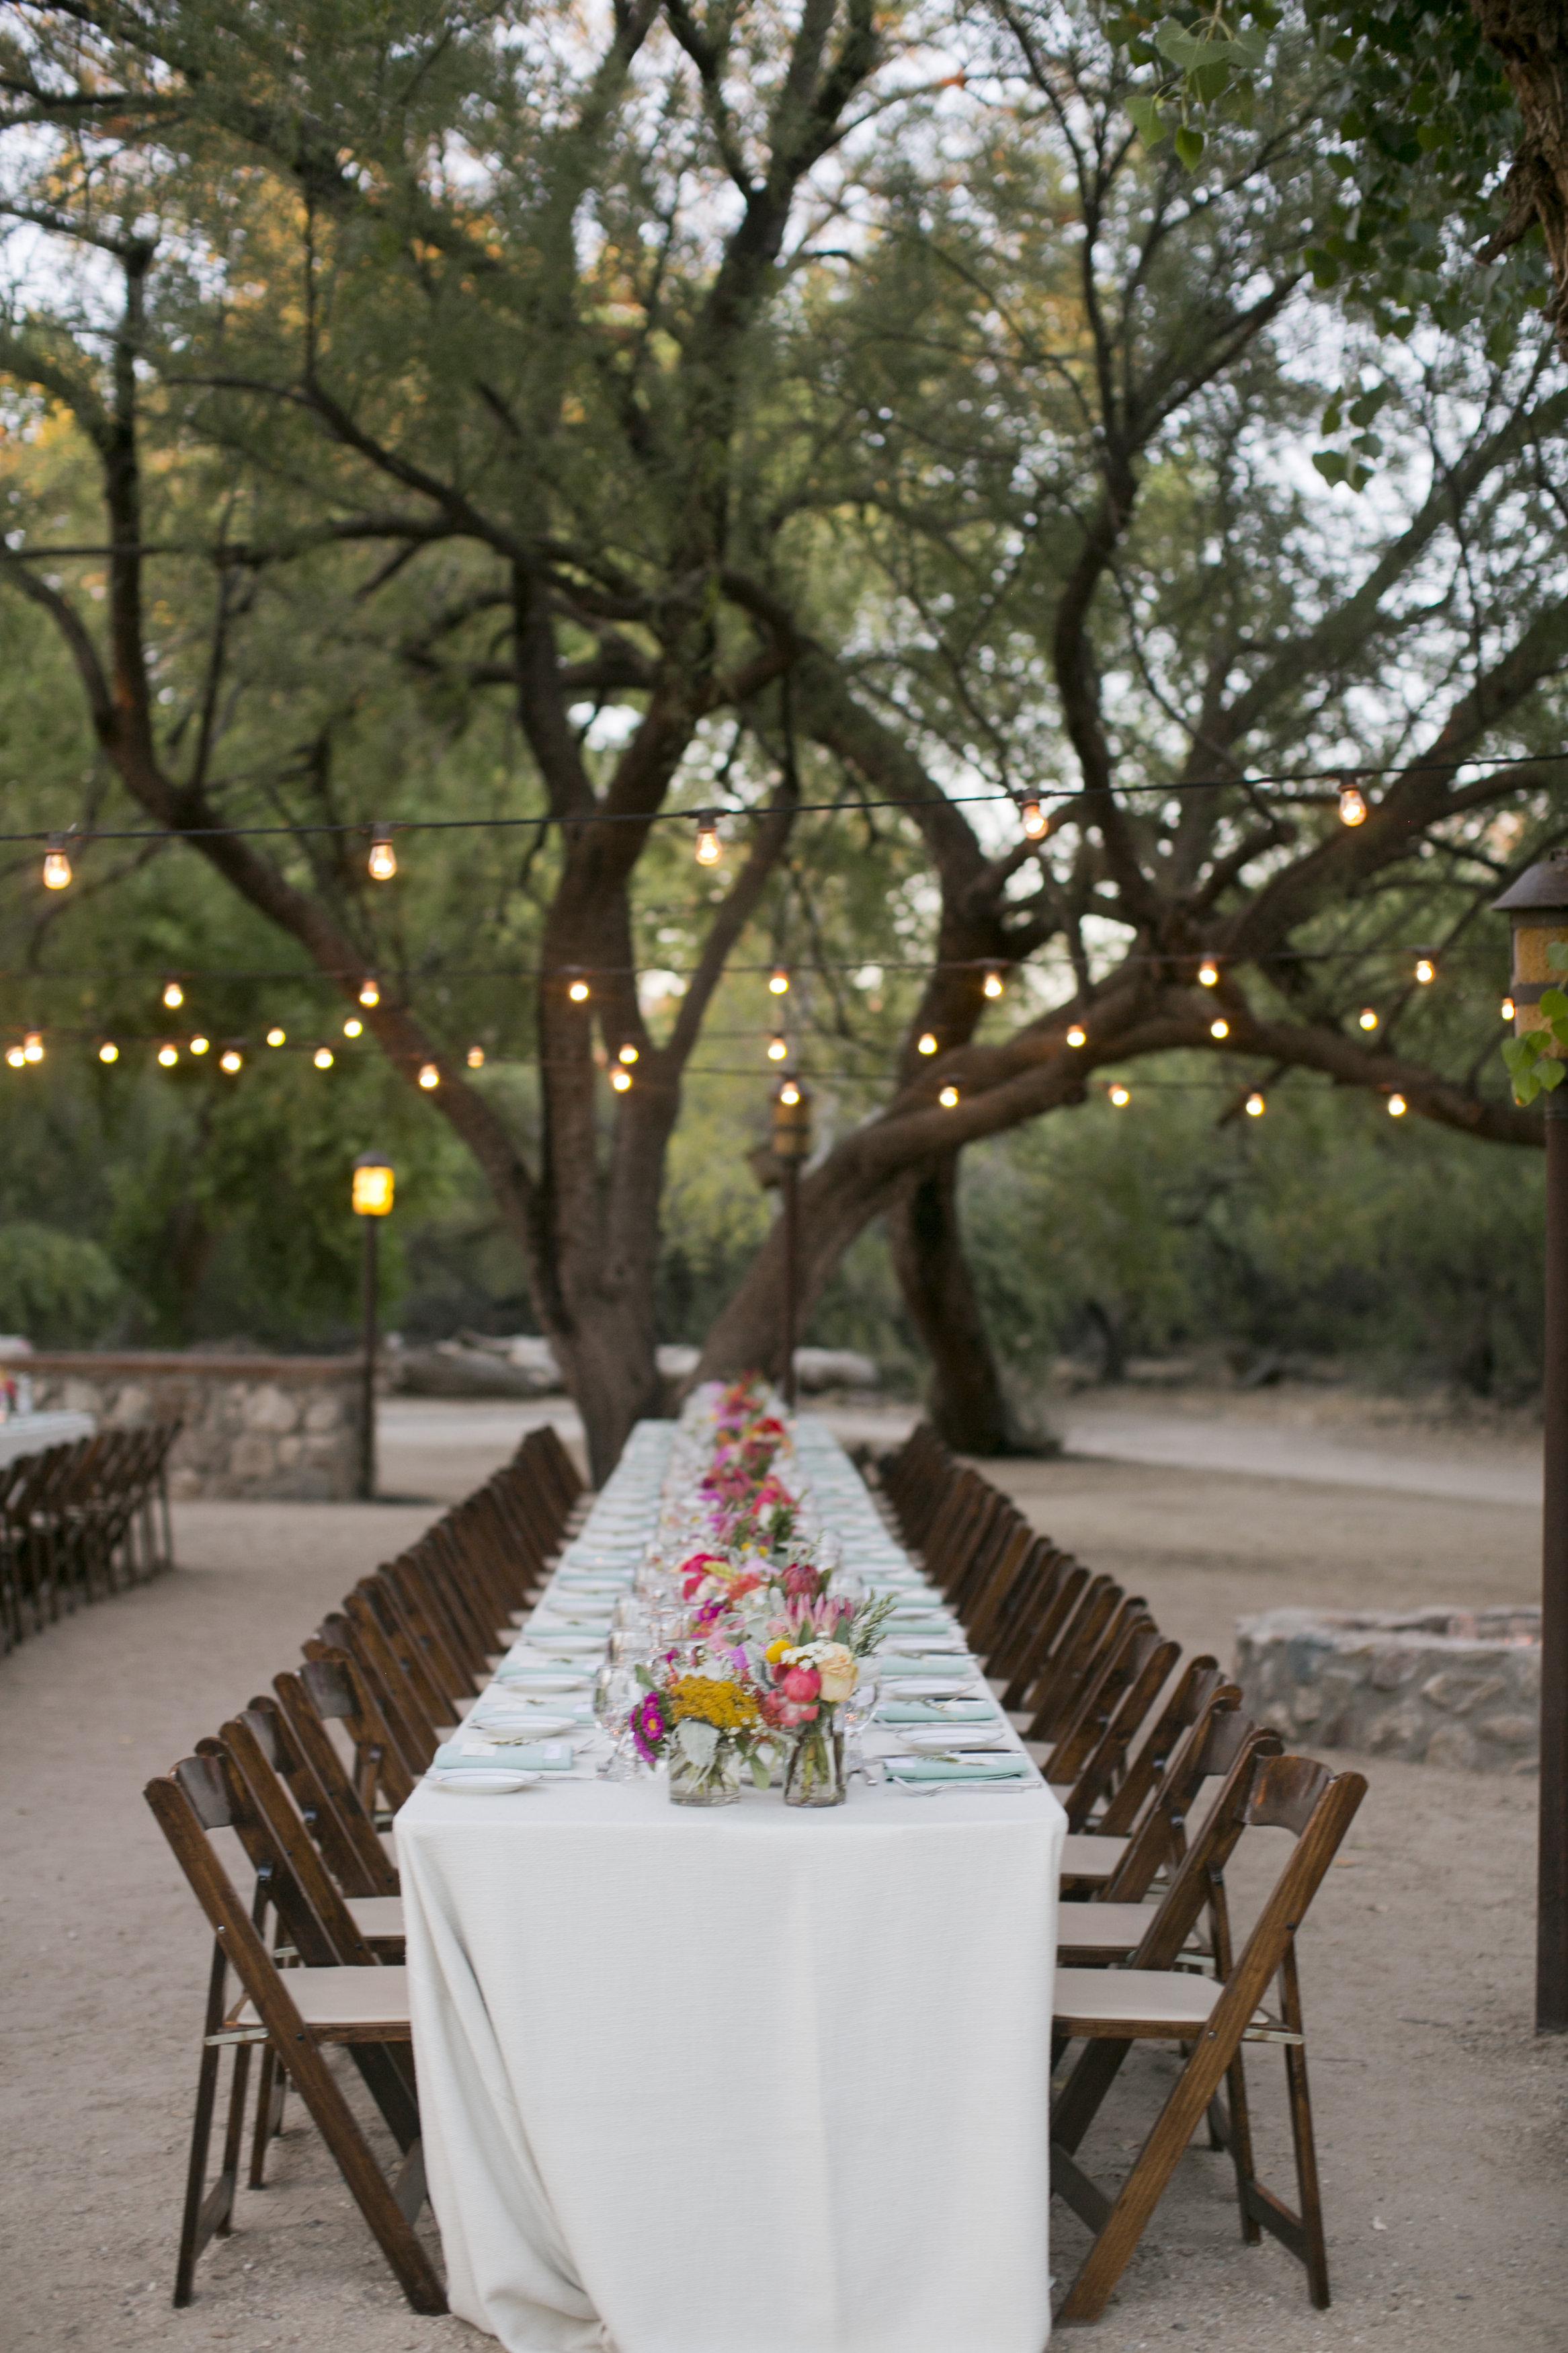 Ceci_New_York_Ceci_Style_Ceci_Johnson_Luxury_Lifestyle_Arizona_Wedding_Watercolor_Inspiration_Design_Custom_Couture_Personalized_Invitations_151.jpg